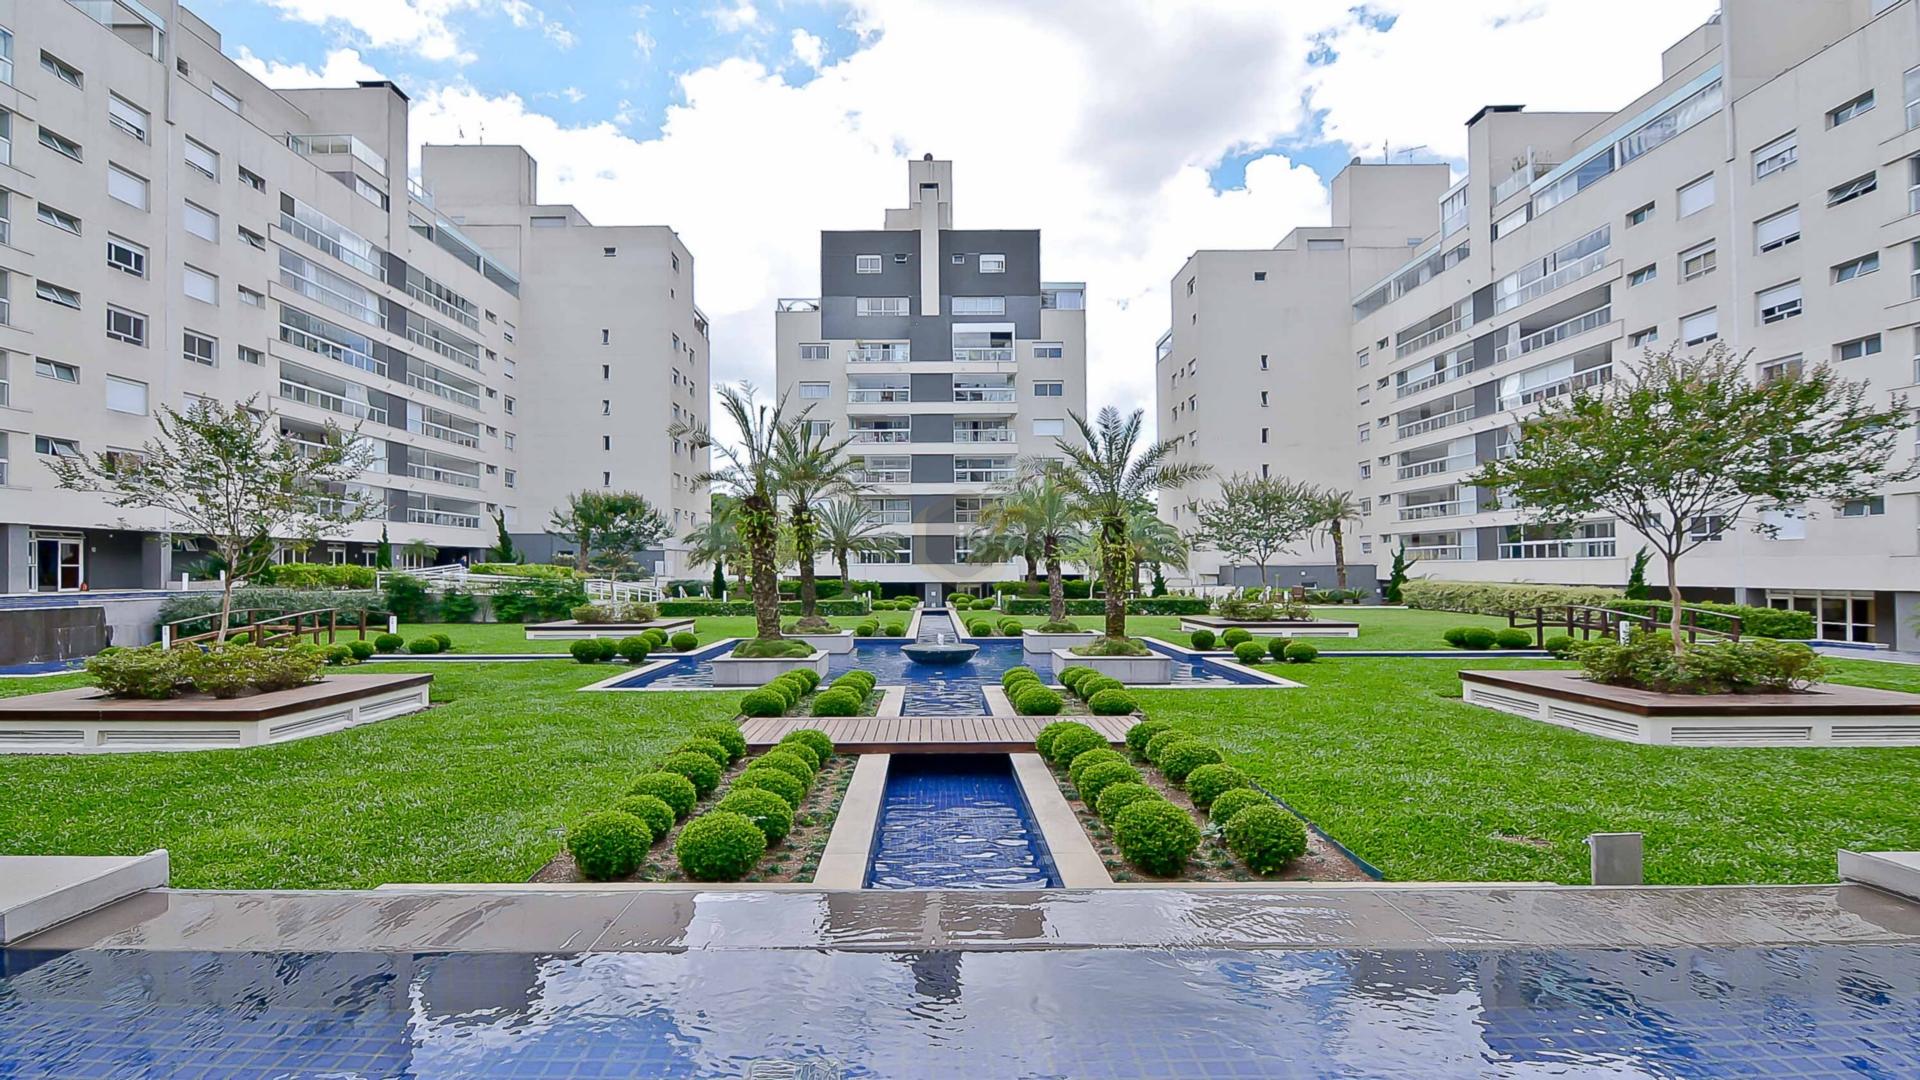 Foto de destaque Apartamento 4 dormitórios - quartier - 188m²